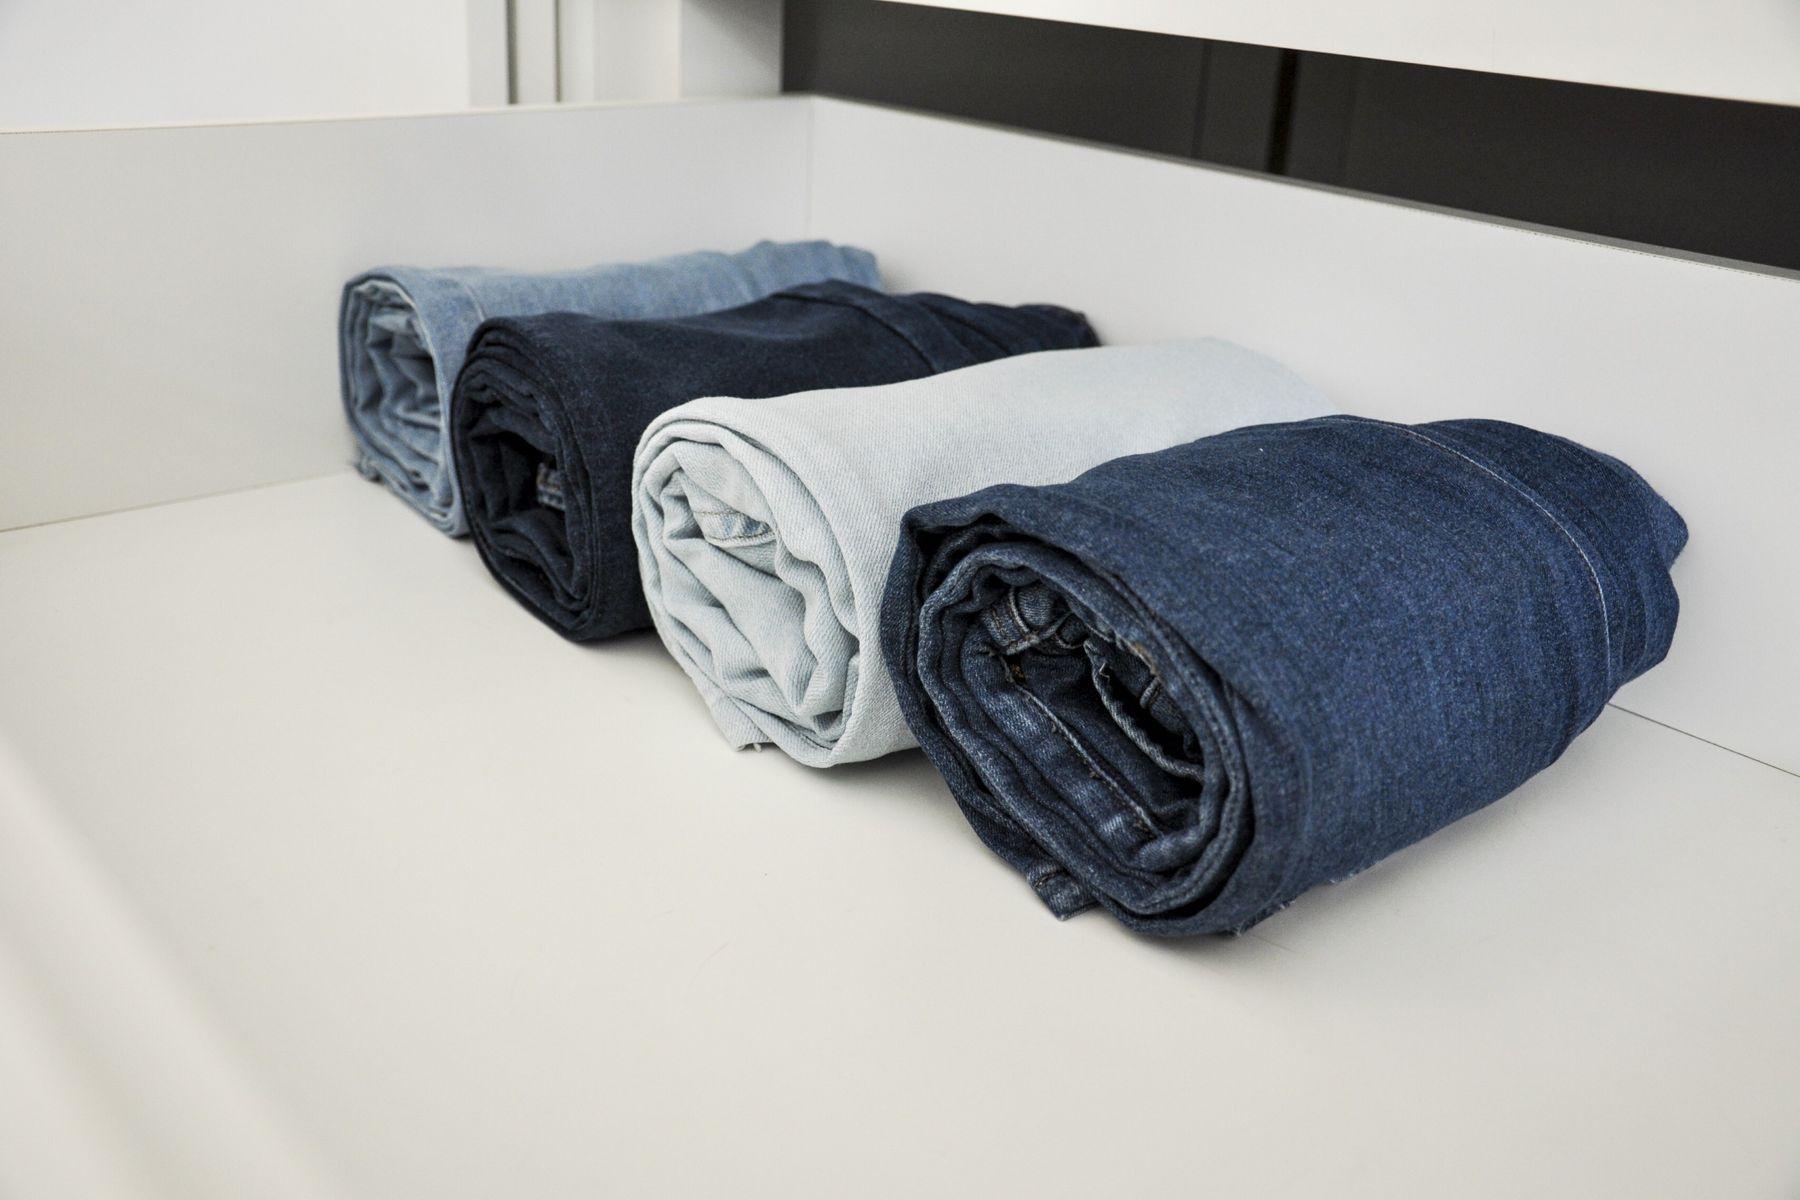 Quatro Calças jeans de tons diferentes dobradas em rolo dentro de uma prateleira no armário